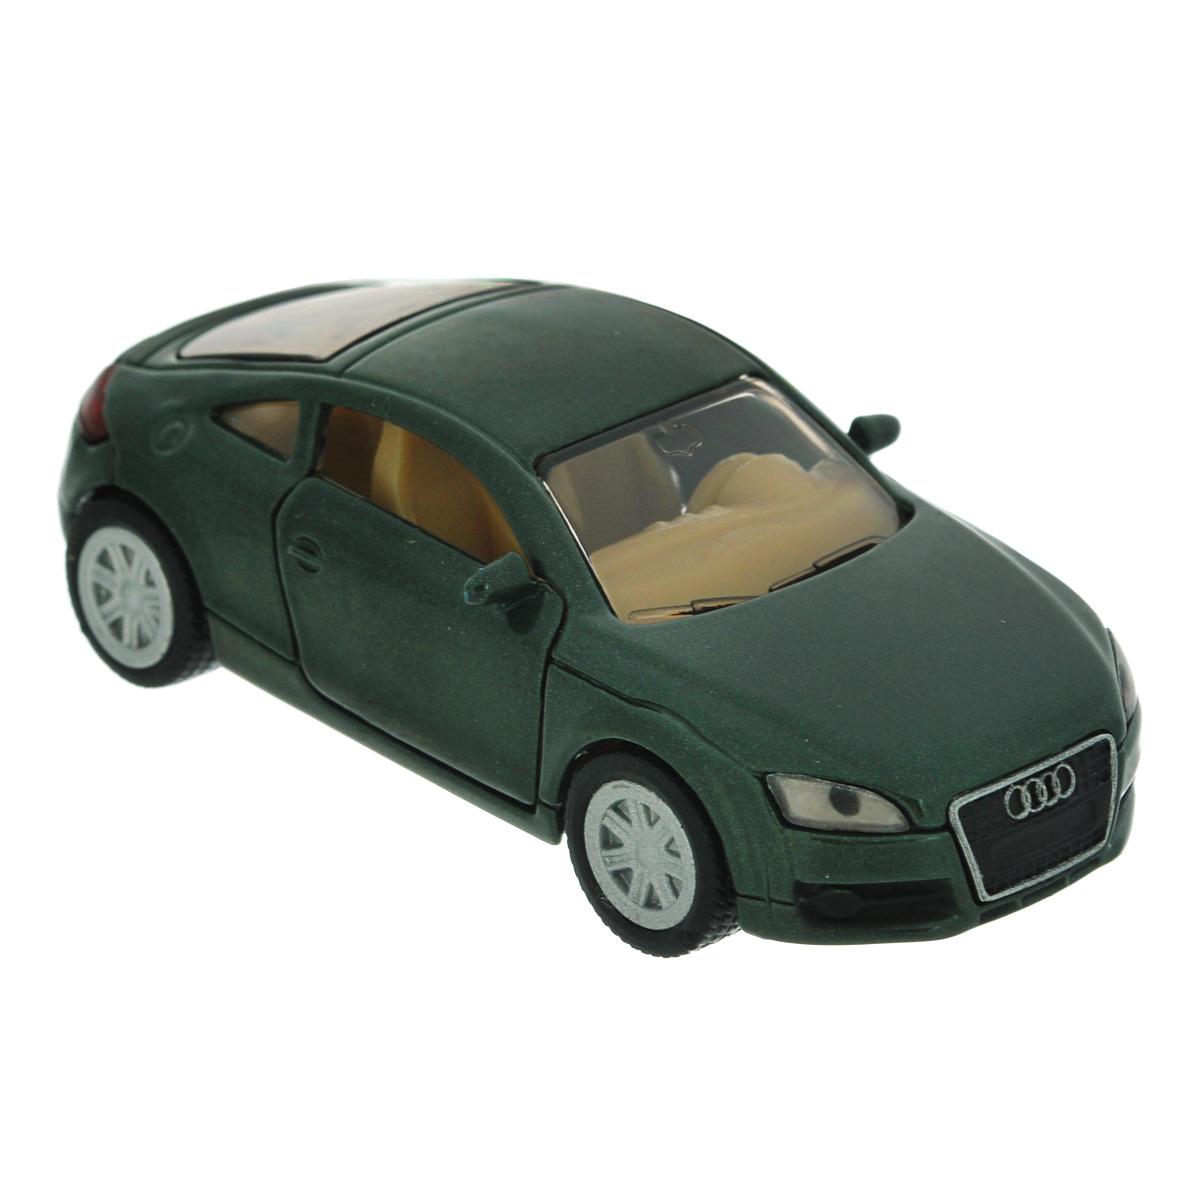 Siku Модель автомобиля Audi TT1428Коллекционная модель Siku Audi TT выполнена в виде точной копии одноименного автомобиля фирмы Audi. Такая модель понравится не только ребенку, но и взрослому коллекционеру, и приятно удивит вас высочайшим качеством исполнения. Модель выполнена из металла с элементами из пластика; прорезиненные колеса крутятся. Двери машинки открываются. Отличный подарок для любителей автомобилей!